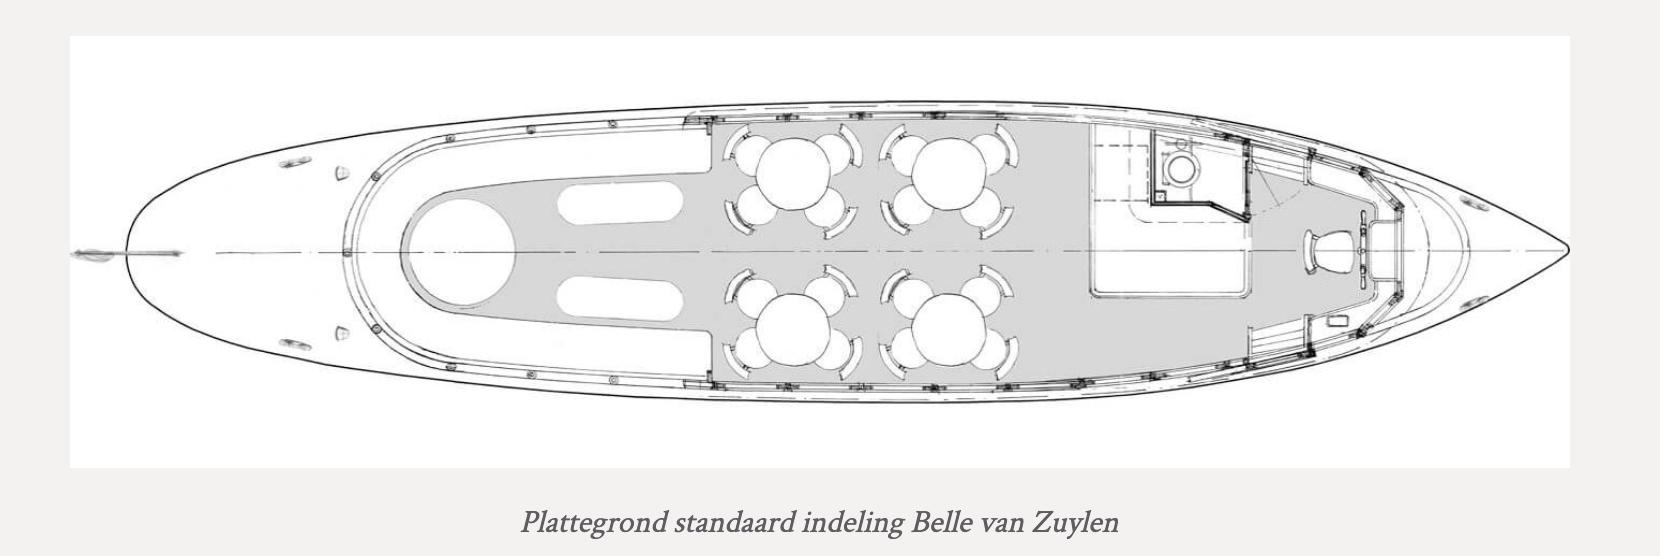 Plattegrond salonboot Belle van Zuylen